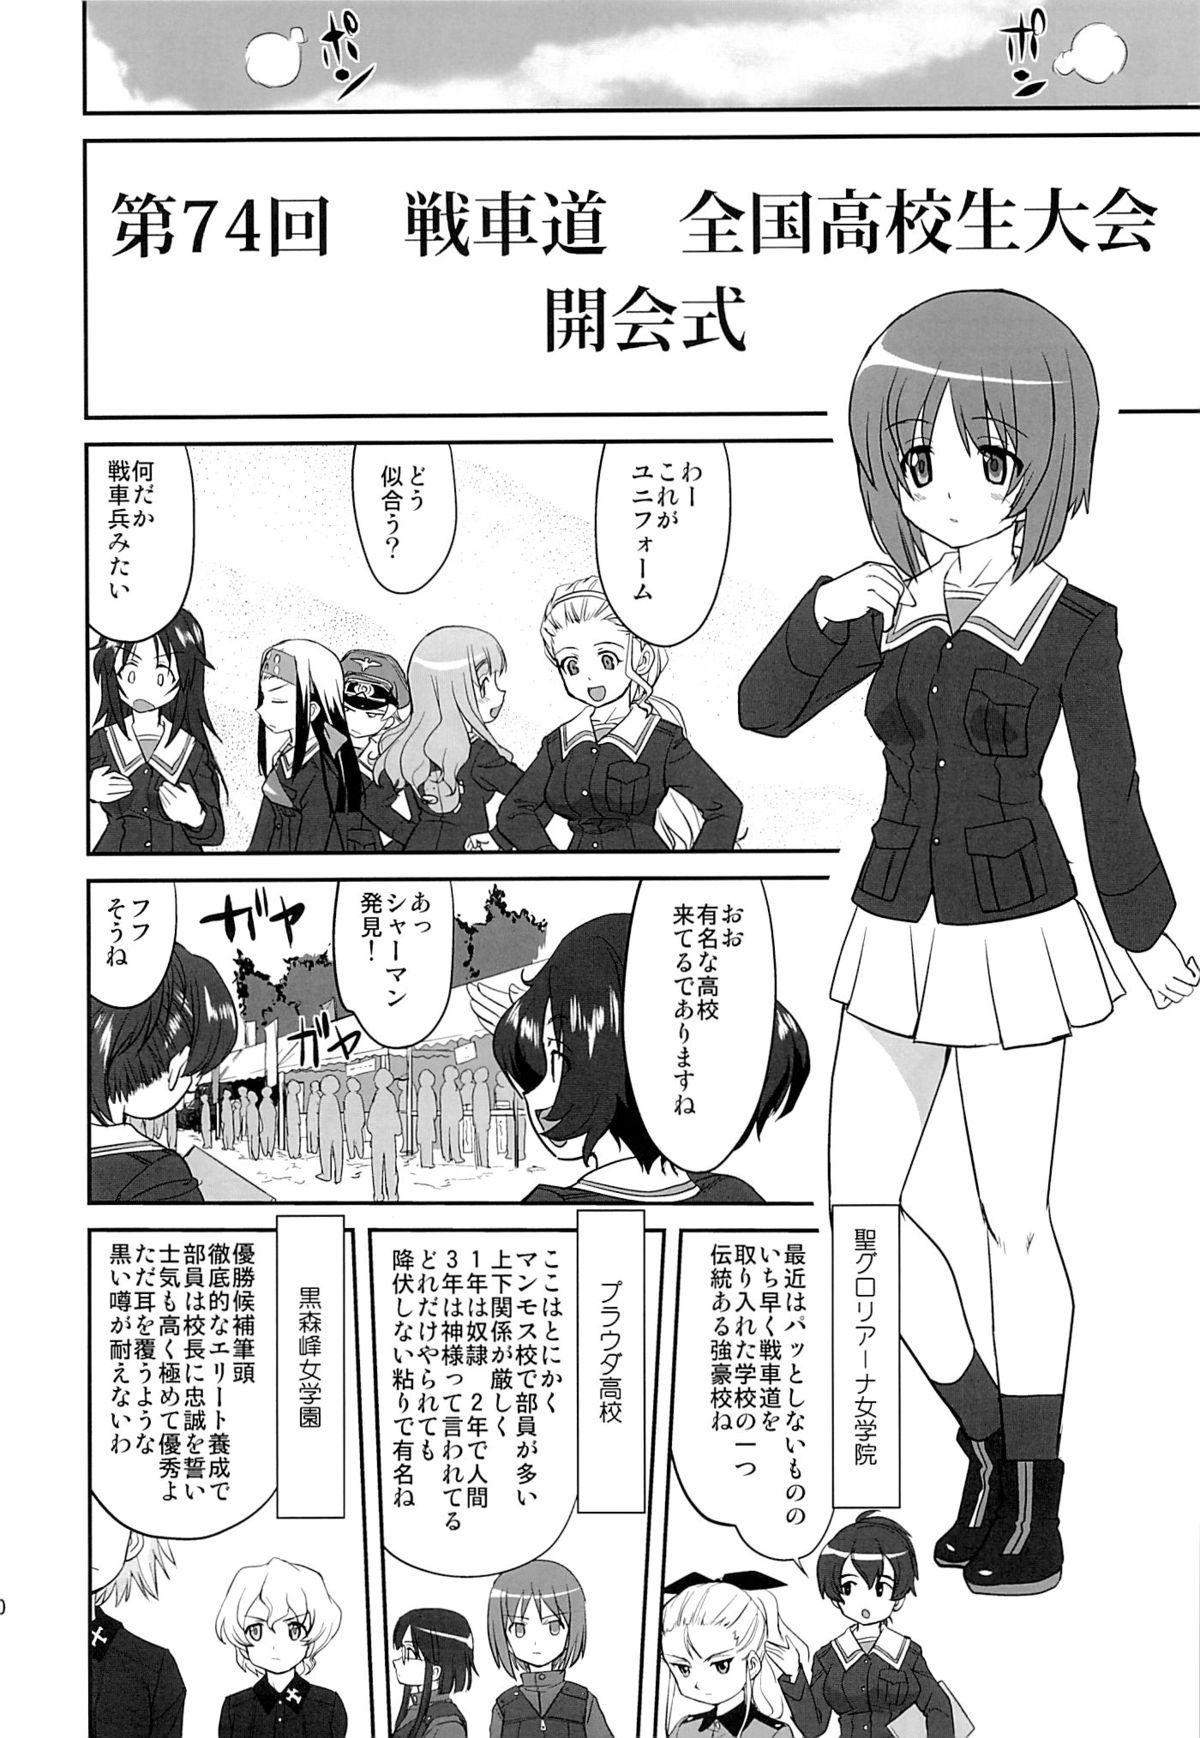 Yukiyukite Senshadou 26